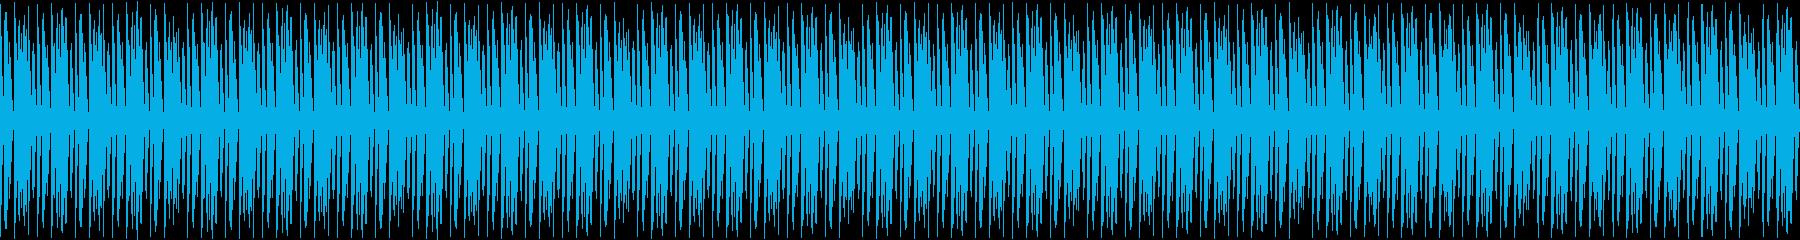 ピアノ・生配信・ほのぼの・ループ・日常2の再生済みの波形